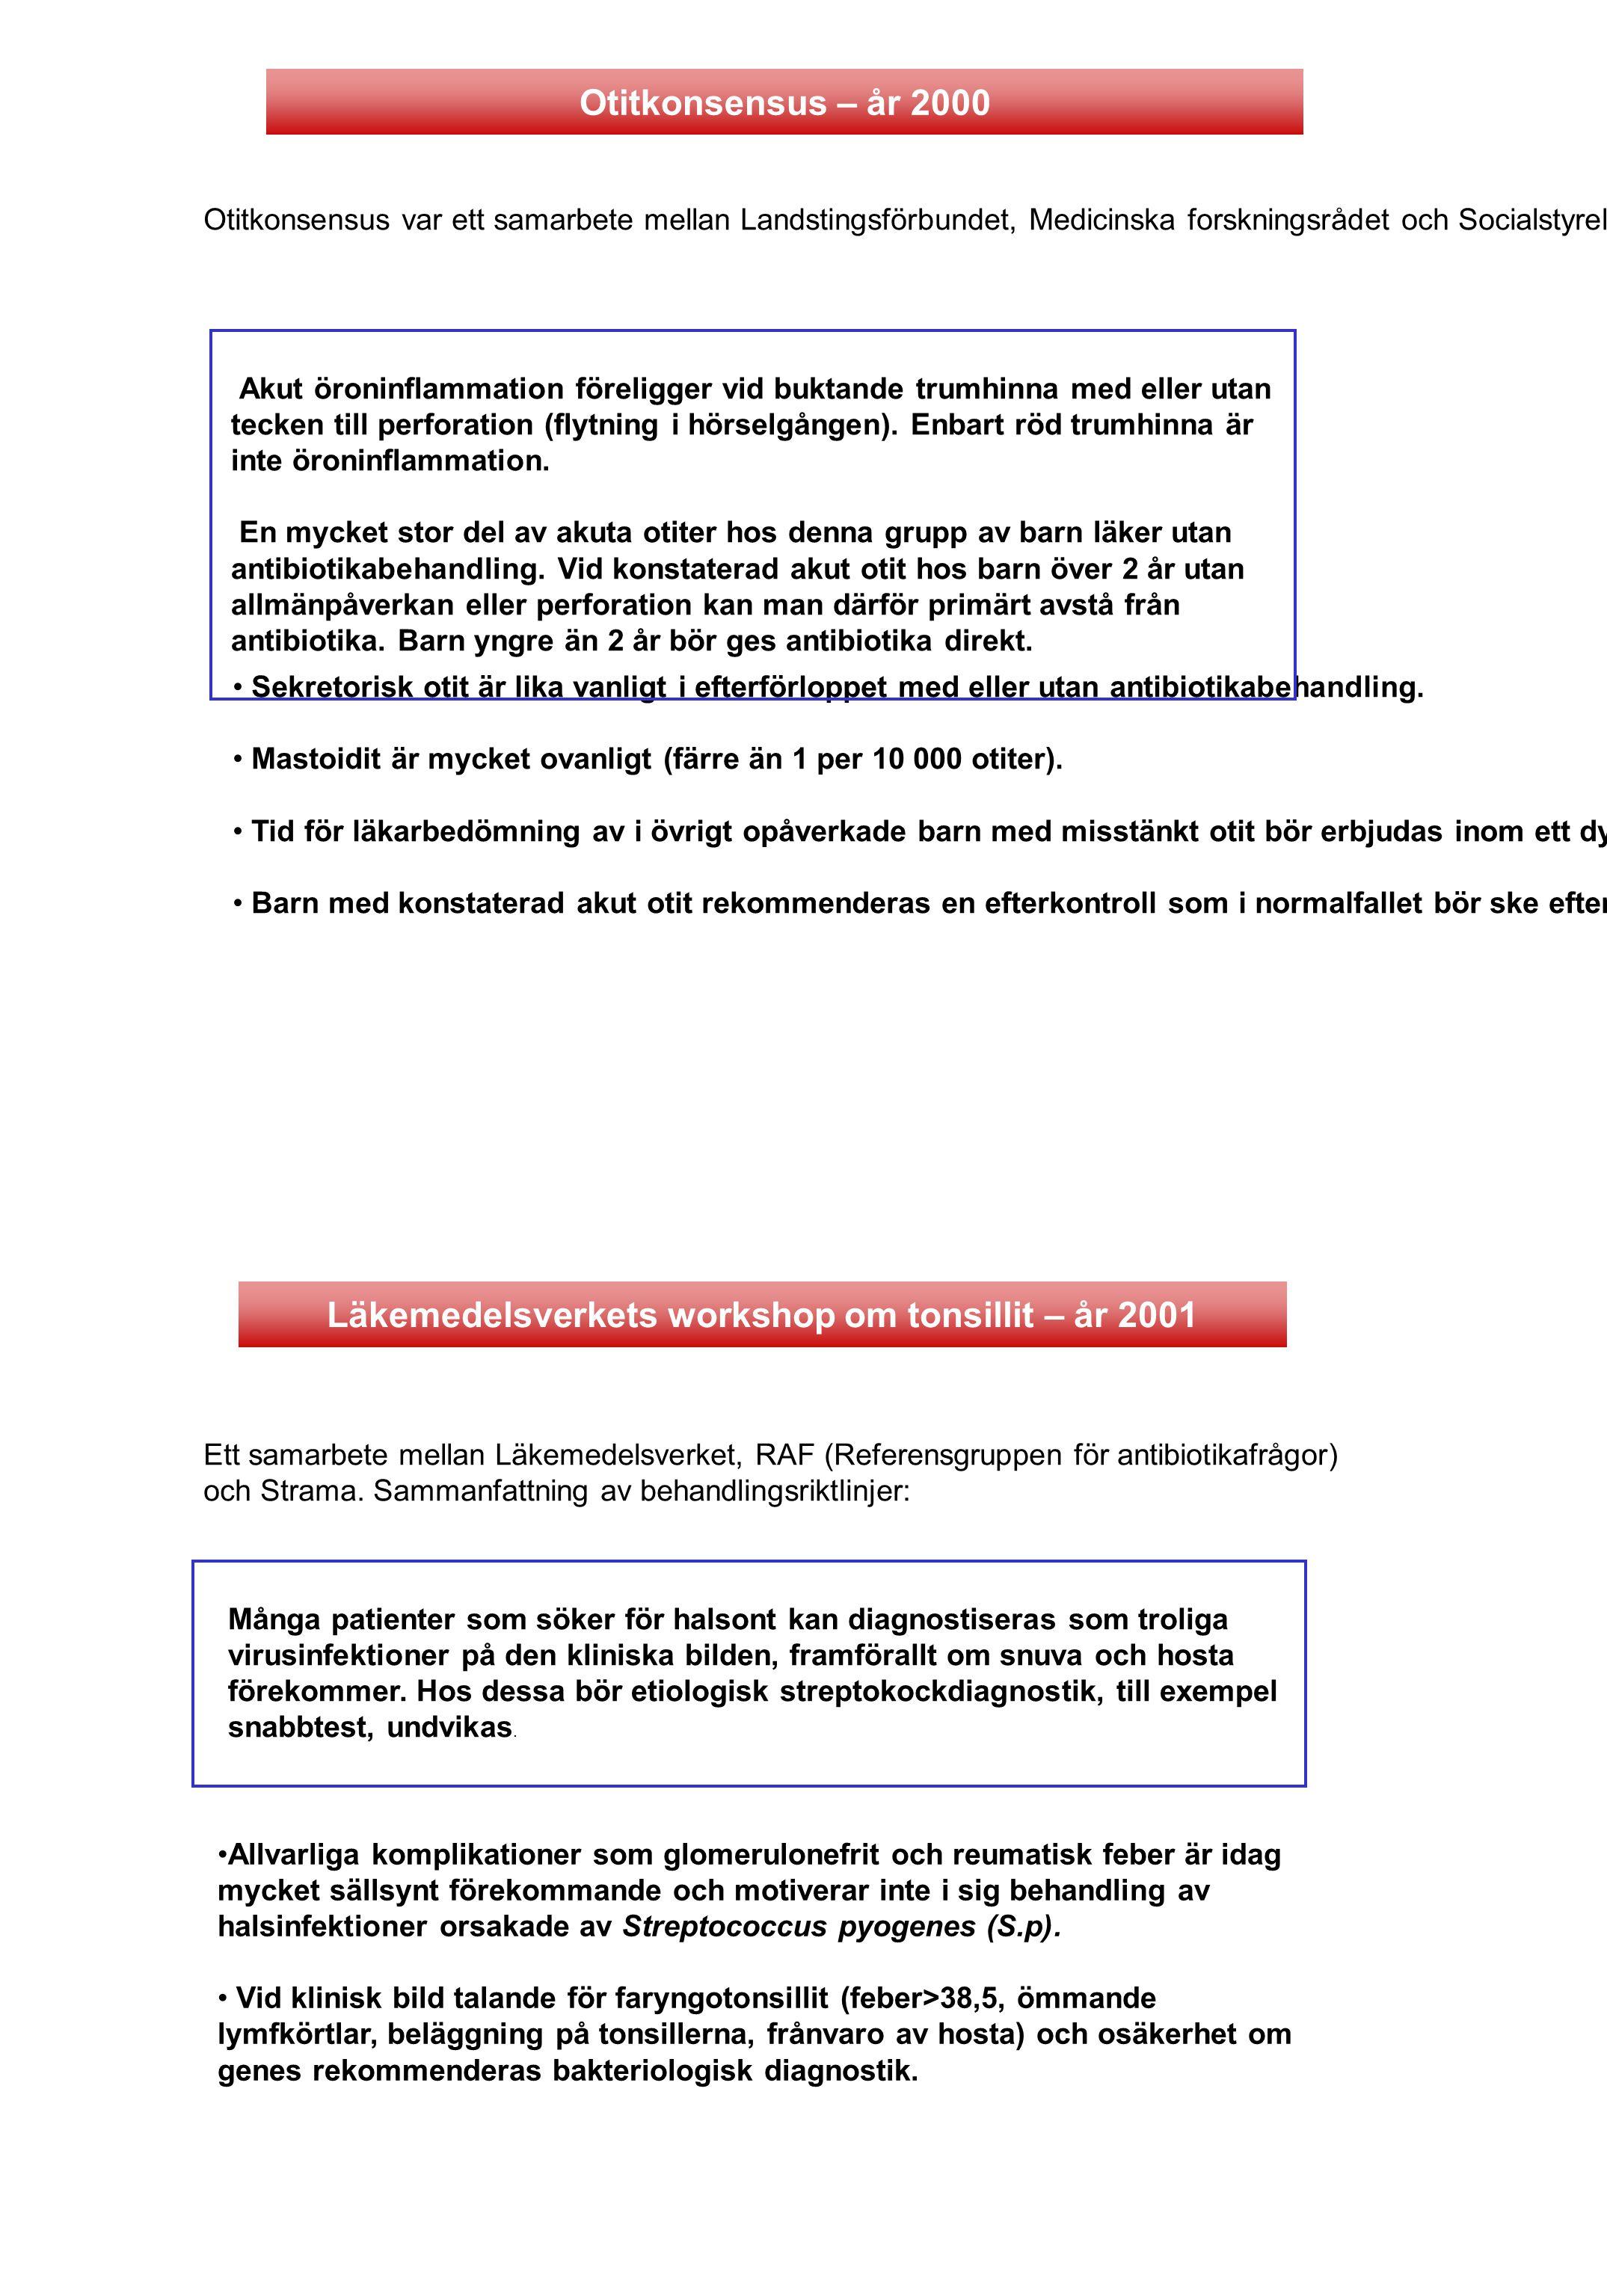 Otitkonsensus var ett samarbete mellan Landstingsförbundet, Medicinska forskningsrådet och Socialstyrelsen kring behandling av akut otit hos barn yngr